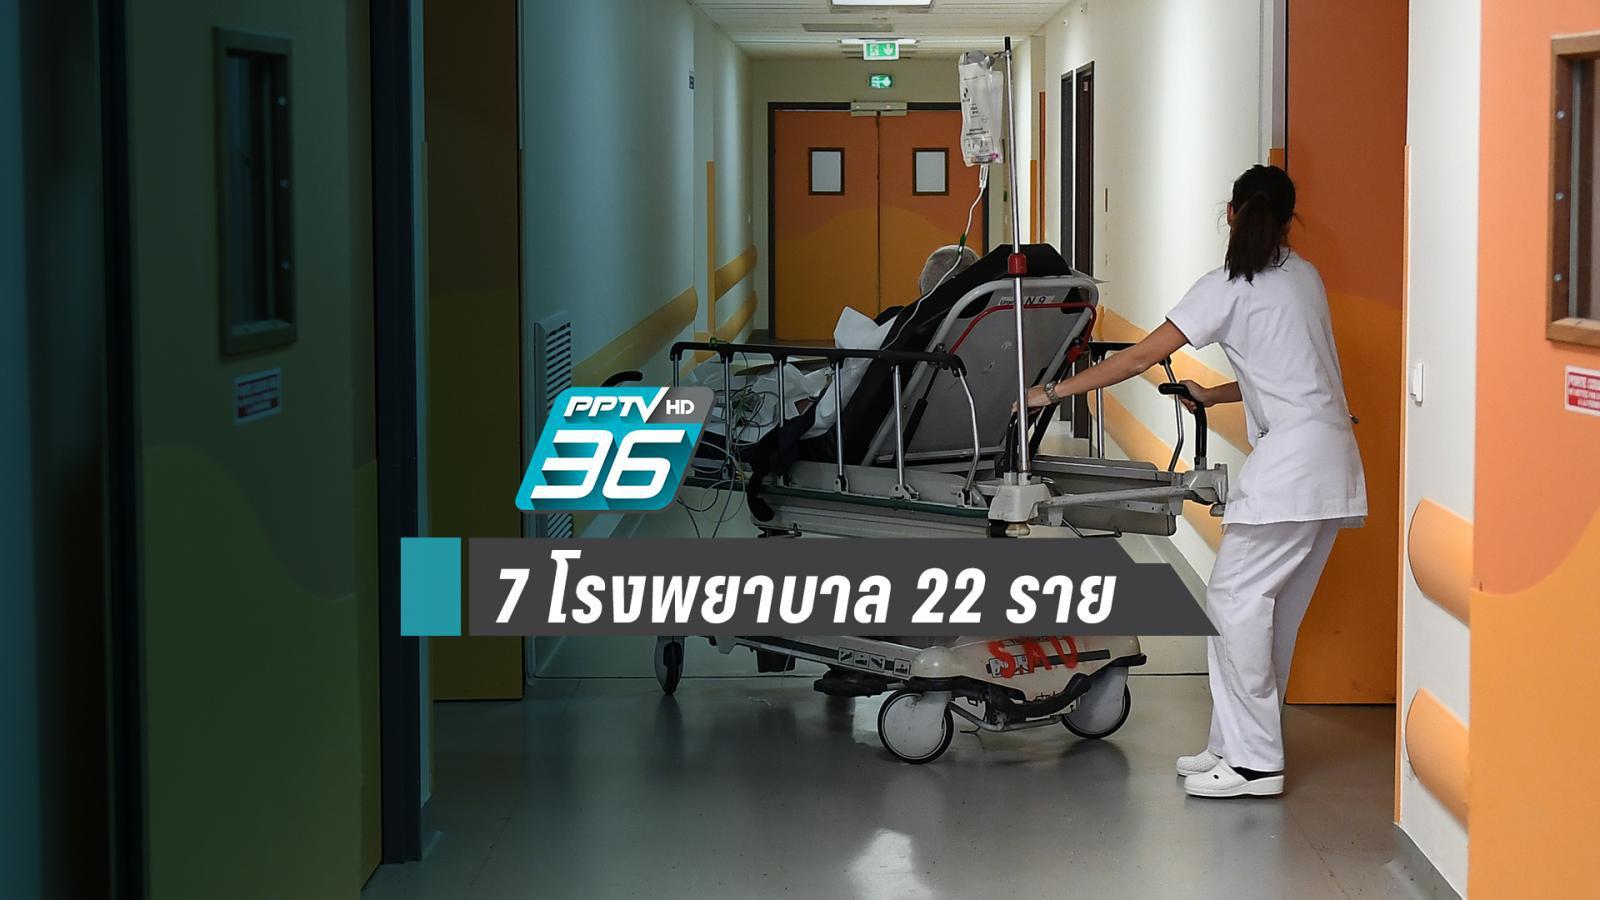 กรมการแพทย์เผย ใช้น้ำมันกัญชาหามเข้าห้องฉุกเฉิน 7 รพ. 22 ราย